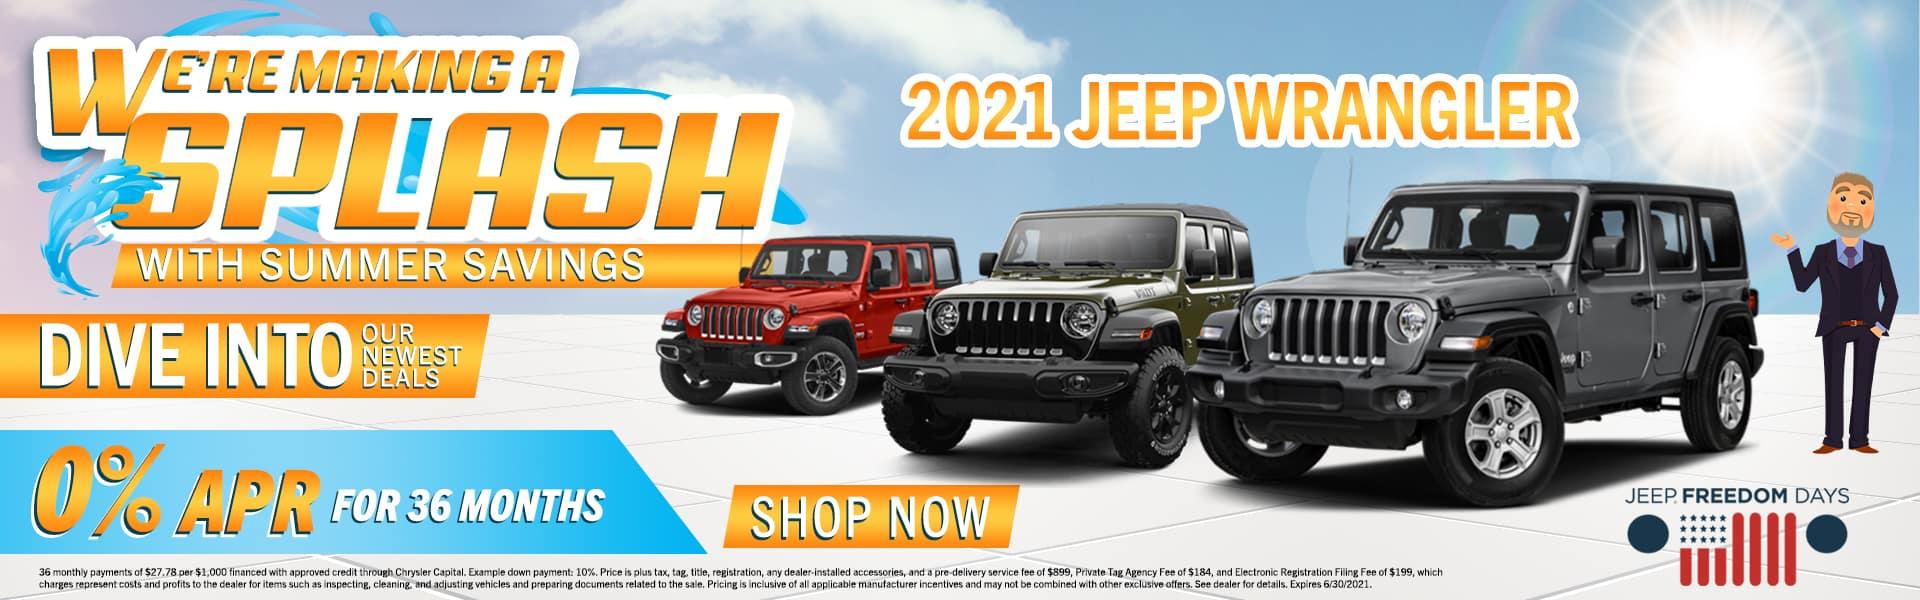 2021_Jeep_Wrangler_[1]